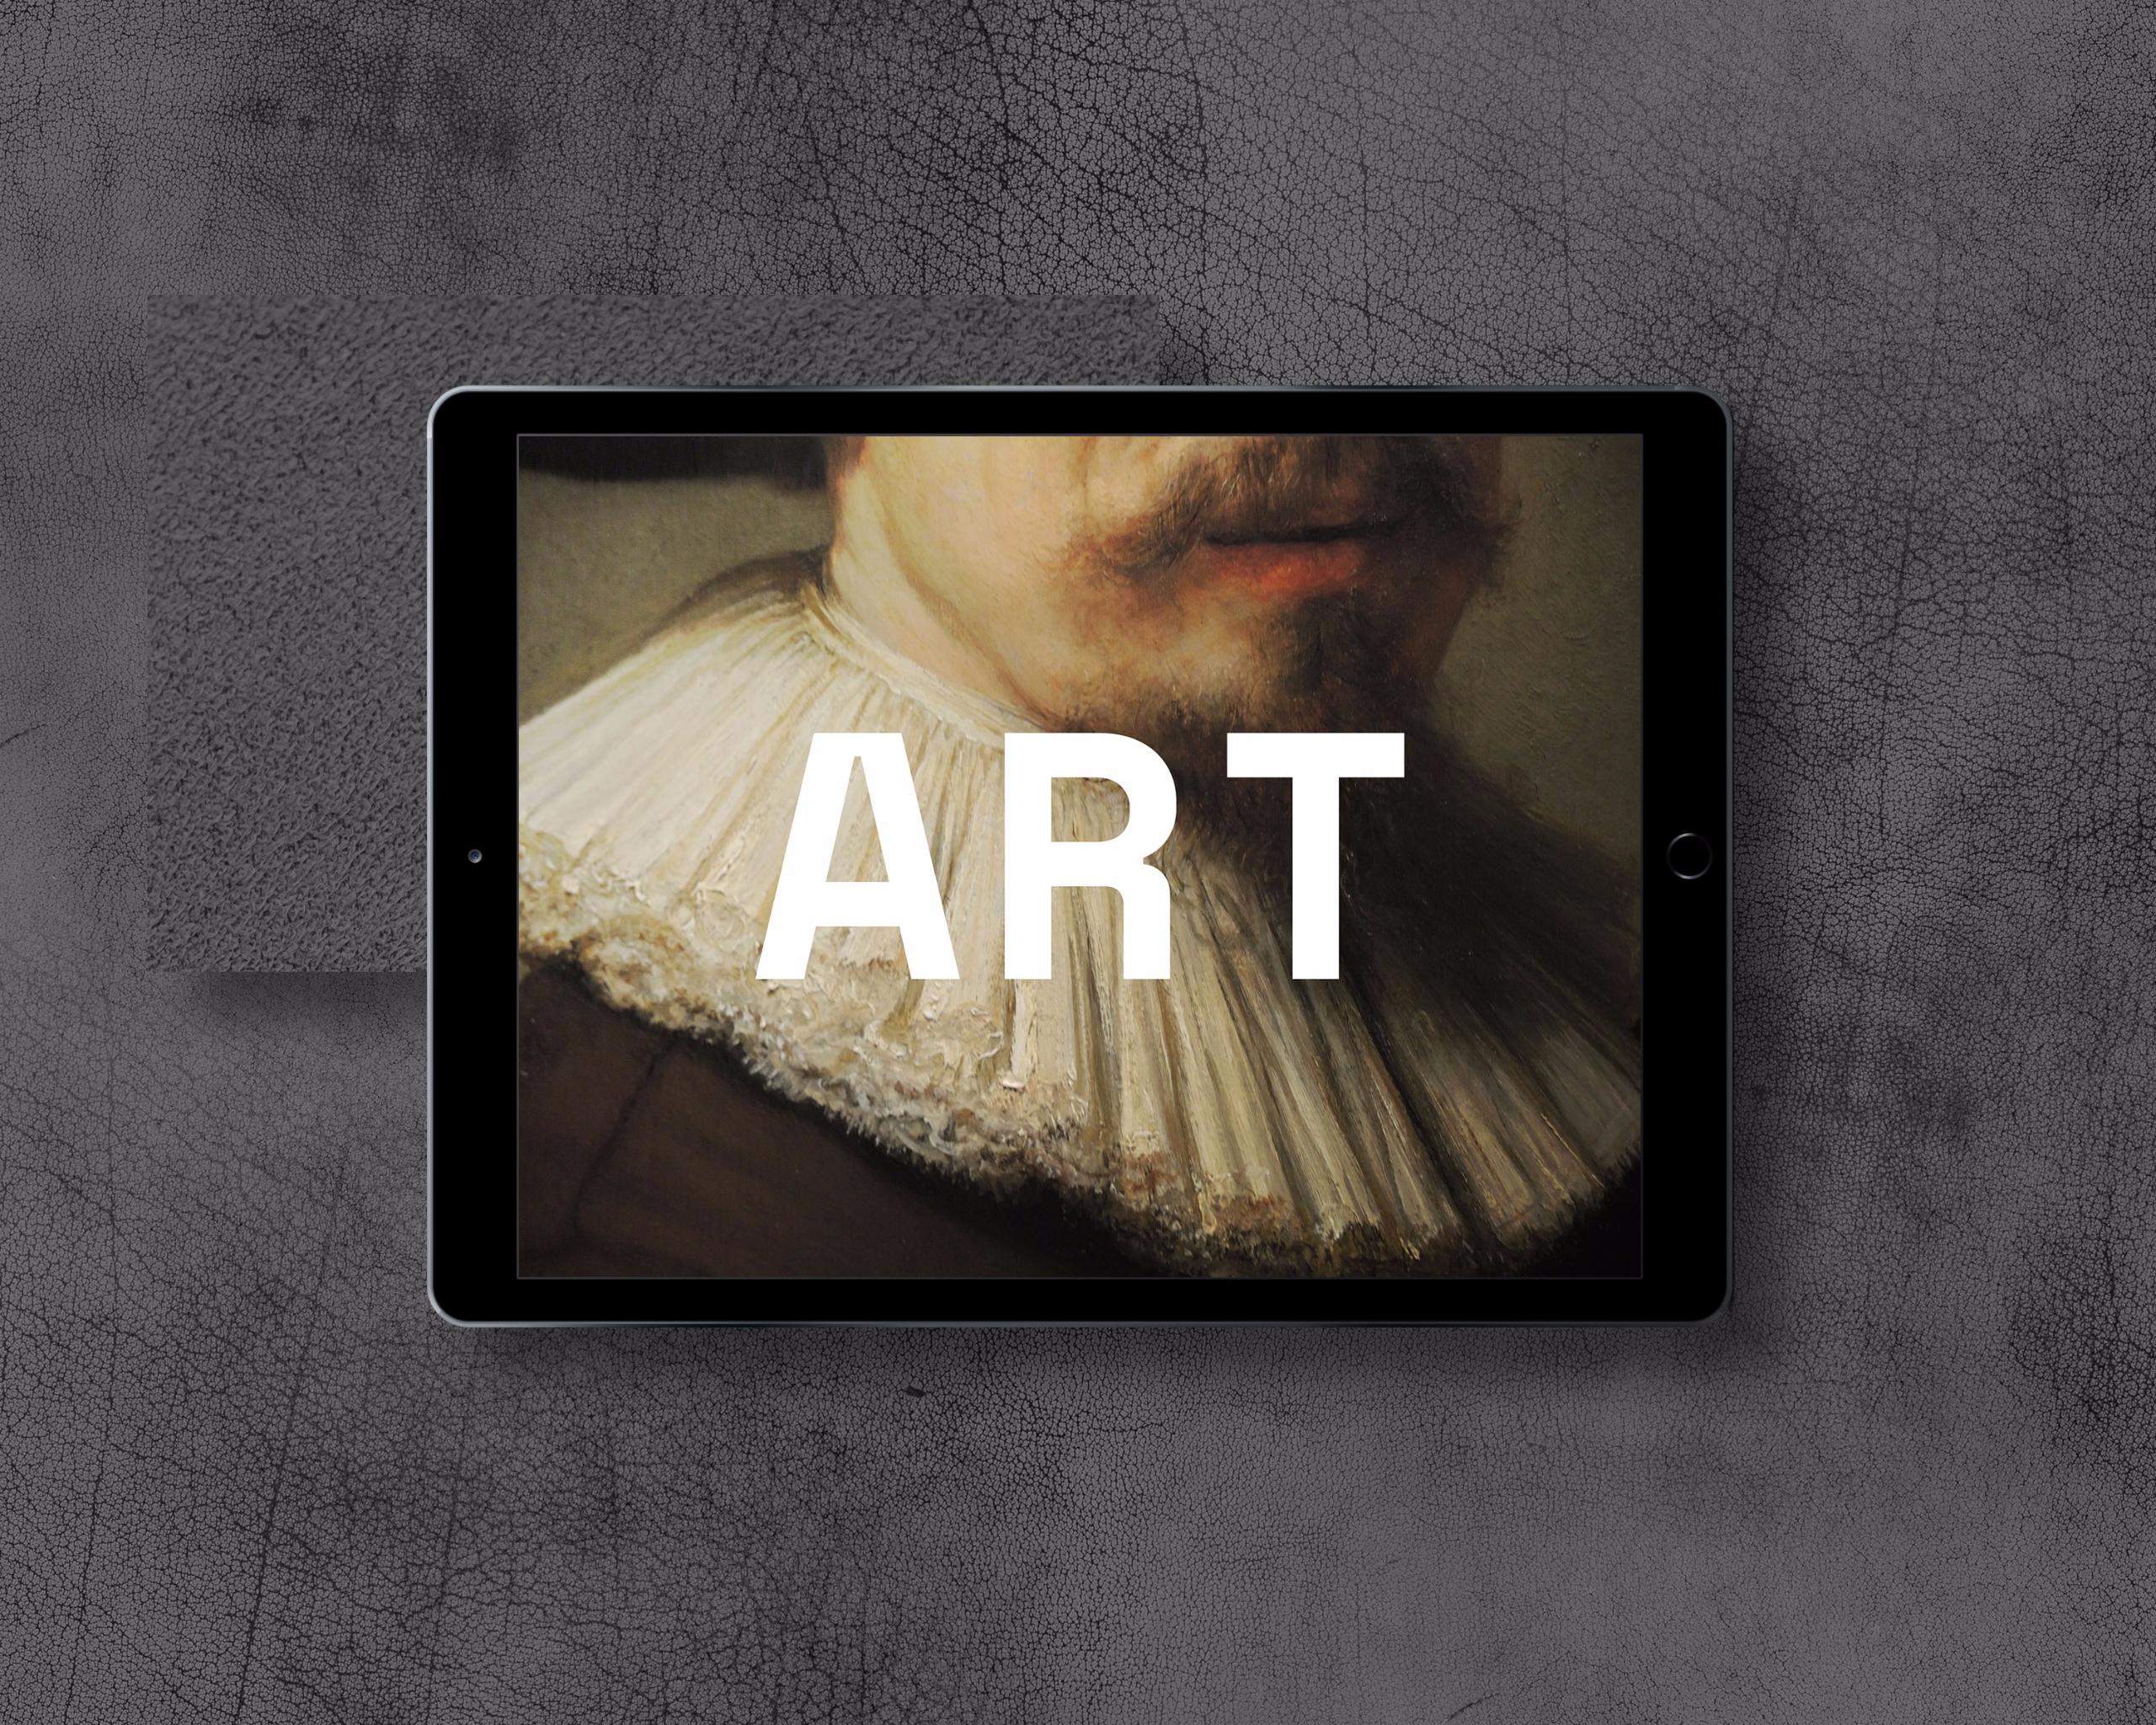 ART — Laces Rembrandt 2017 - jemurphy   ello